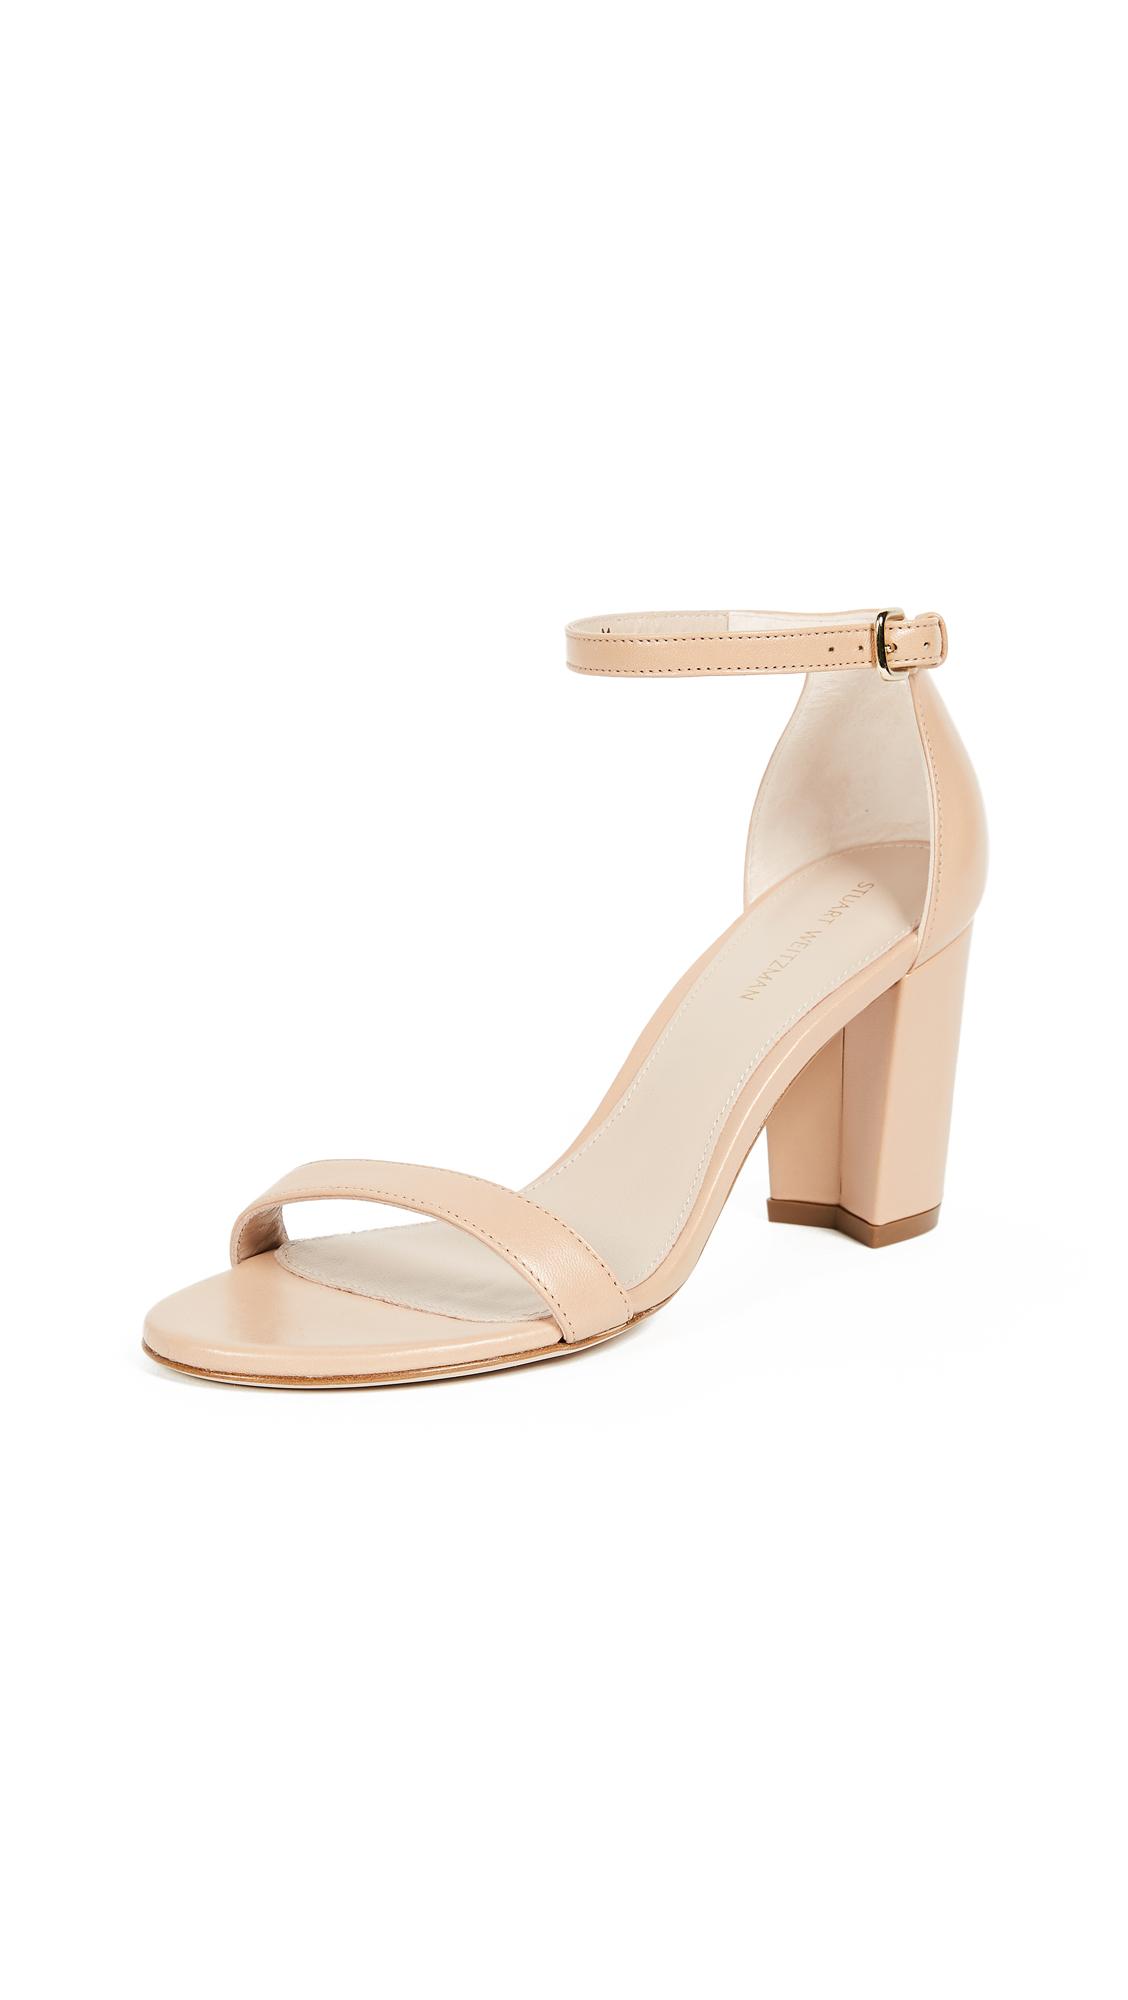 Stuart Weitzman Nearlynude Sandals - Bambina